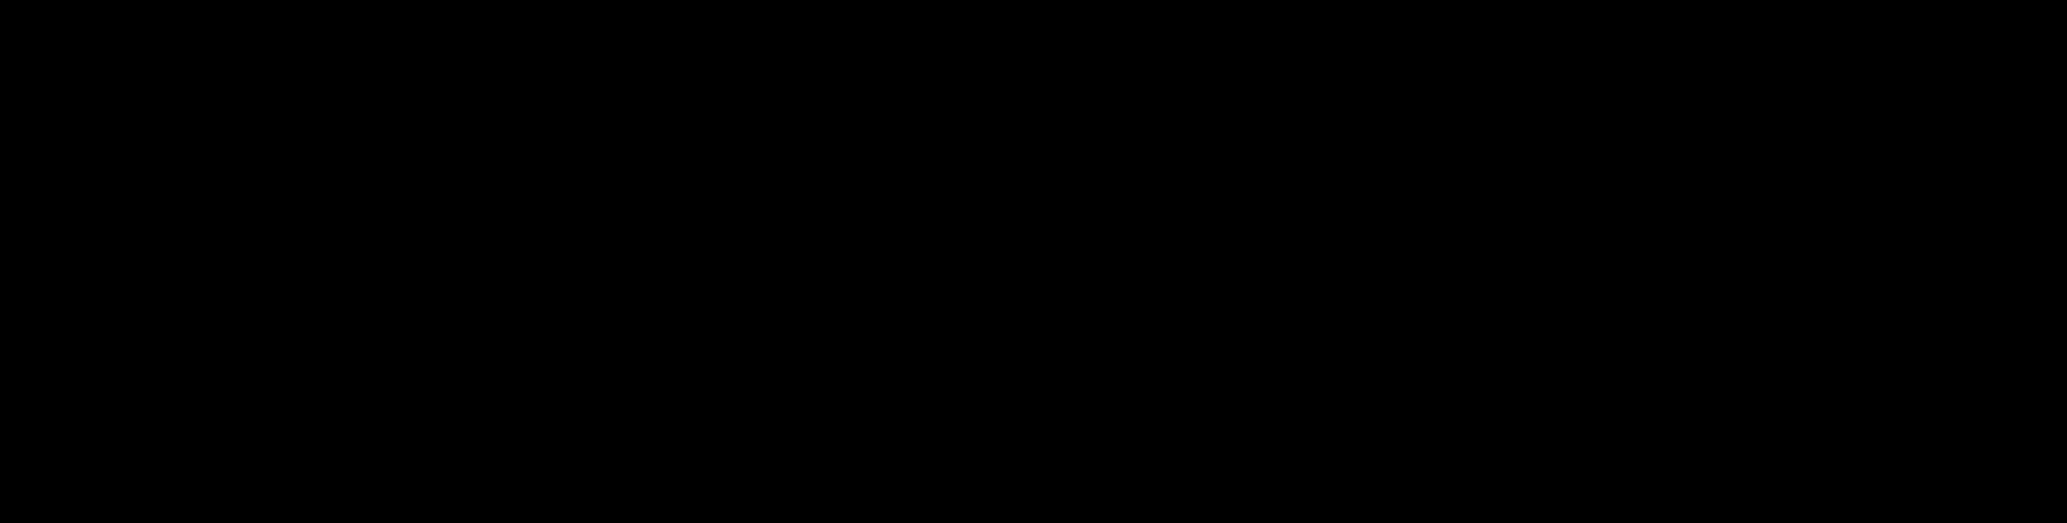 AT630B